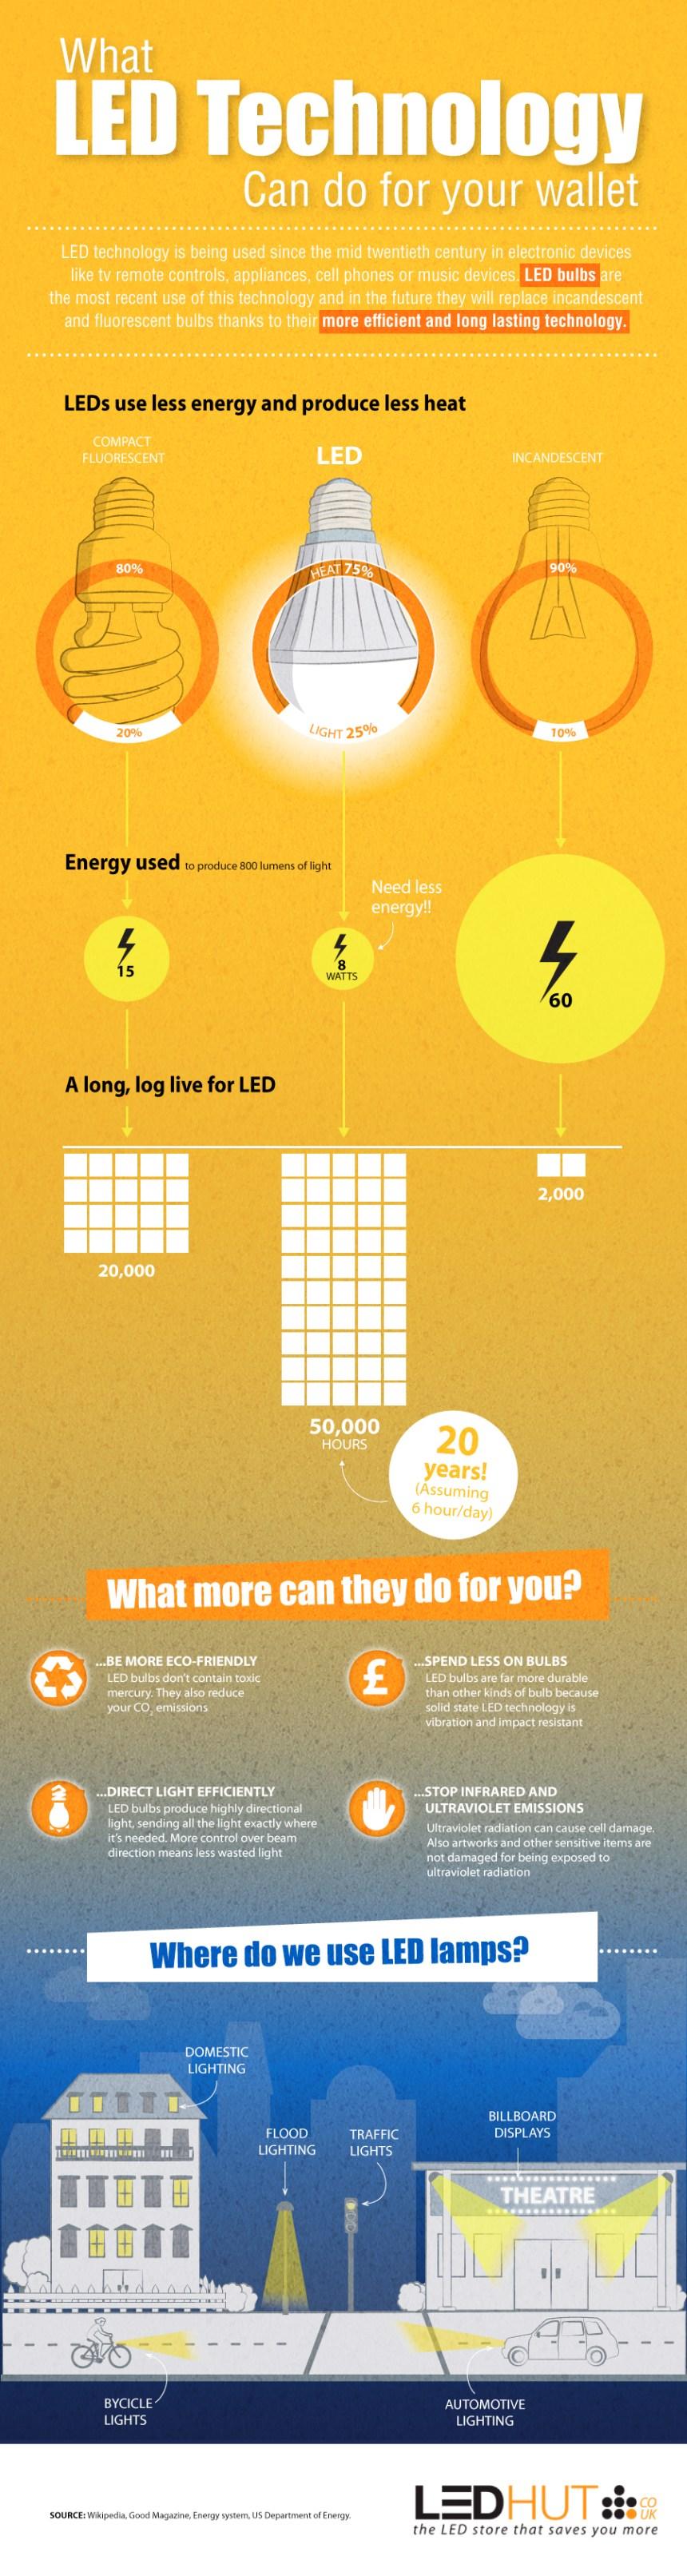 Qué puede hacer la tecnología LED por tu cartera